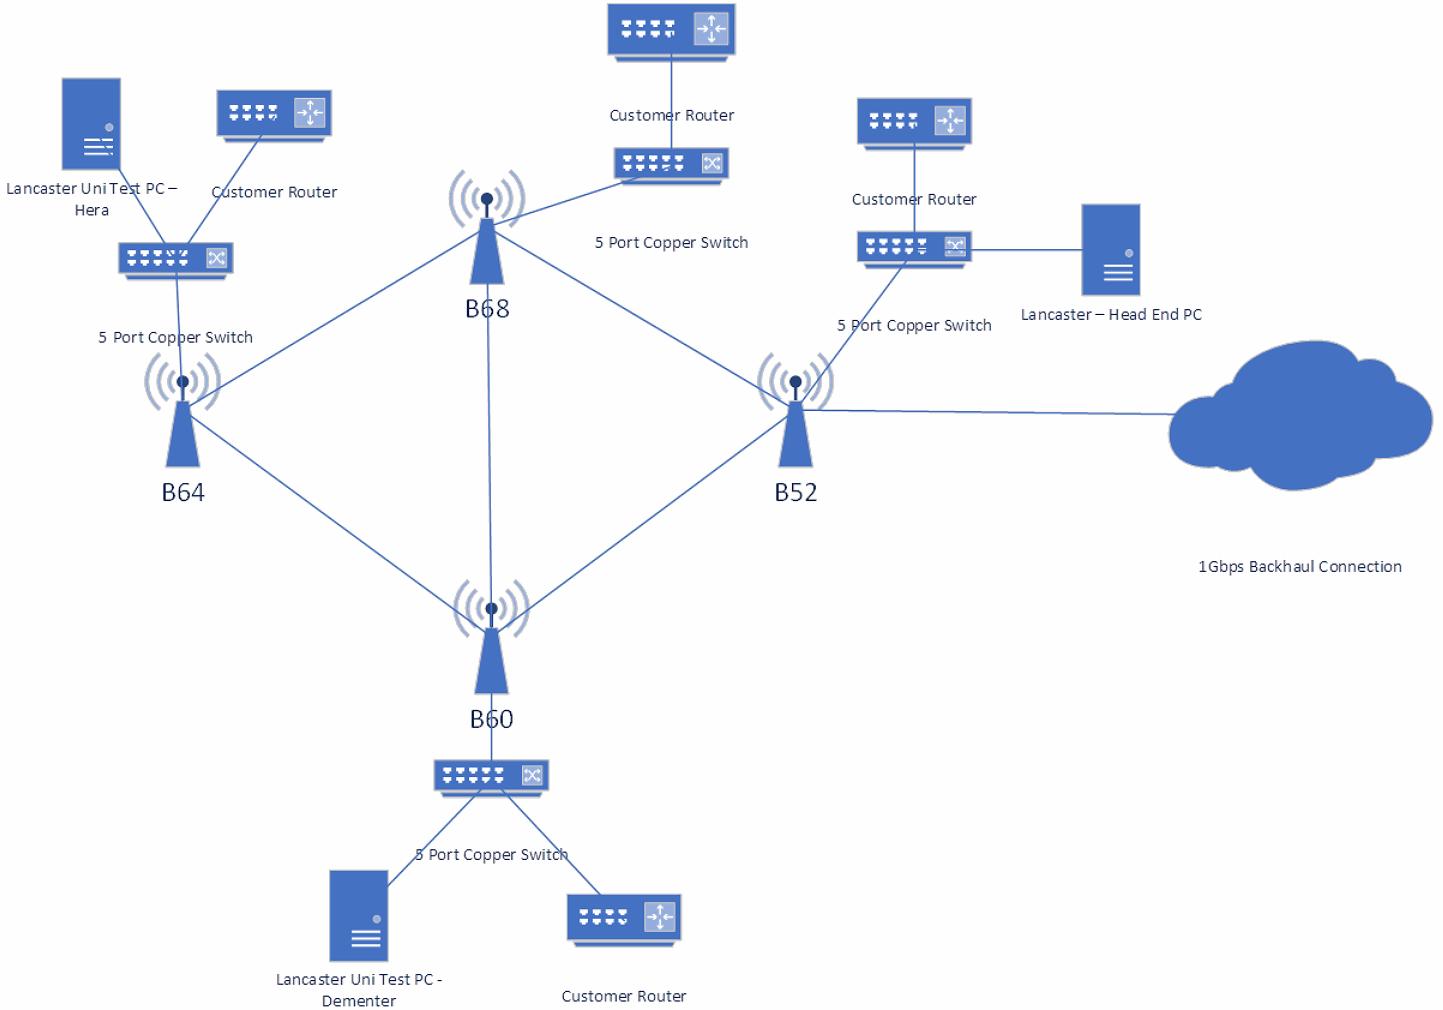 llanddewi rhydderch network map